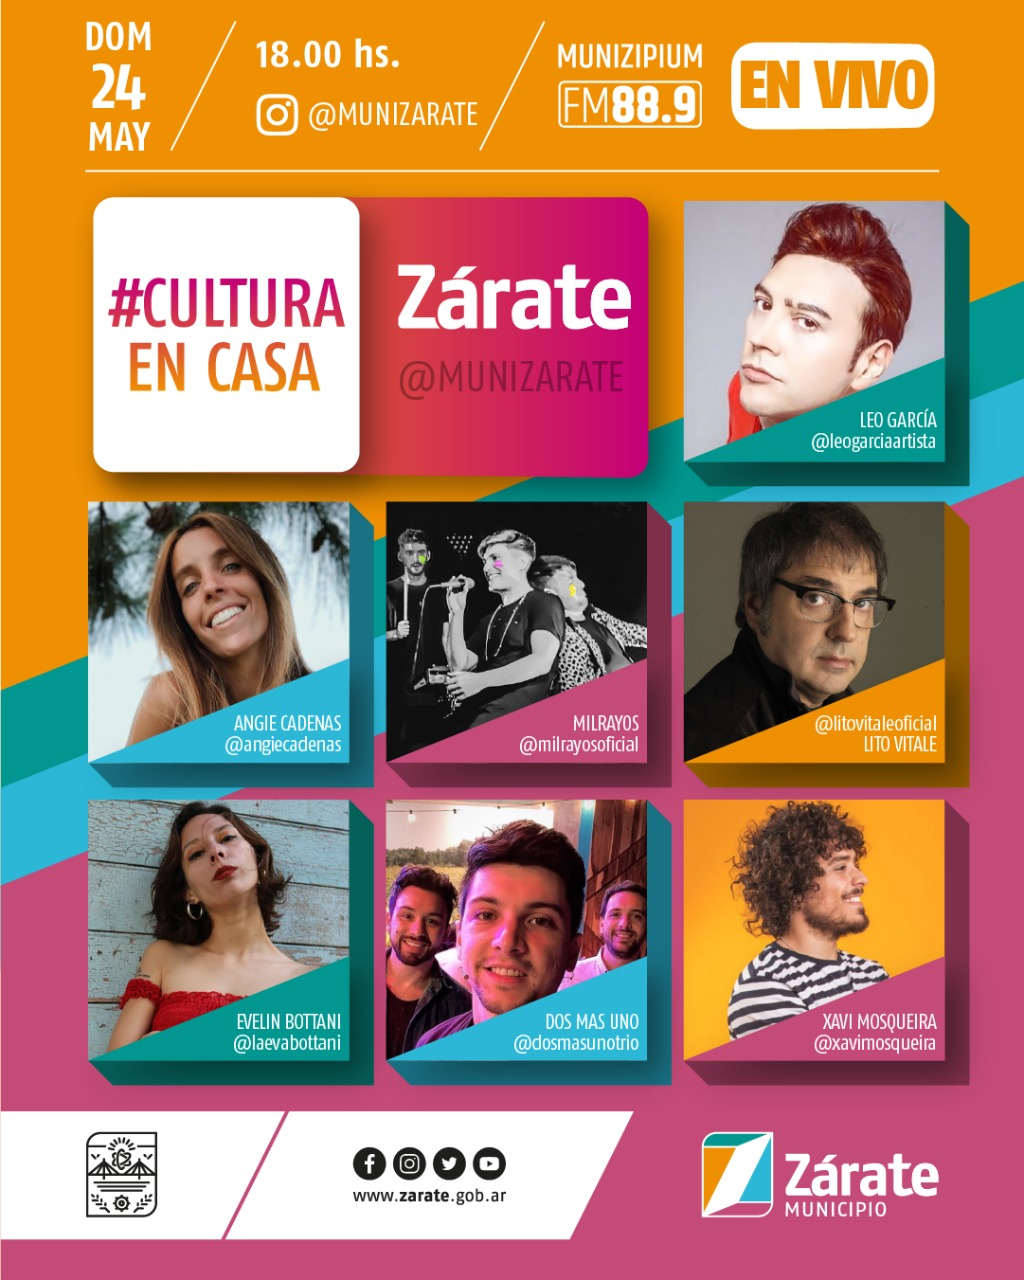 El Municipio te invita a disfrutar la sexta edición de #CulturaEnCasa